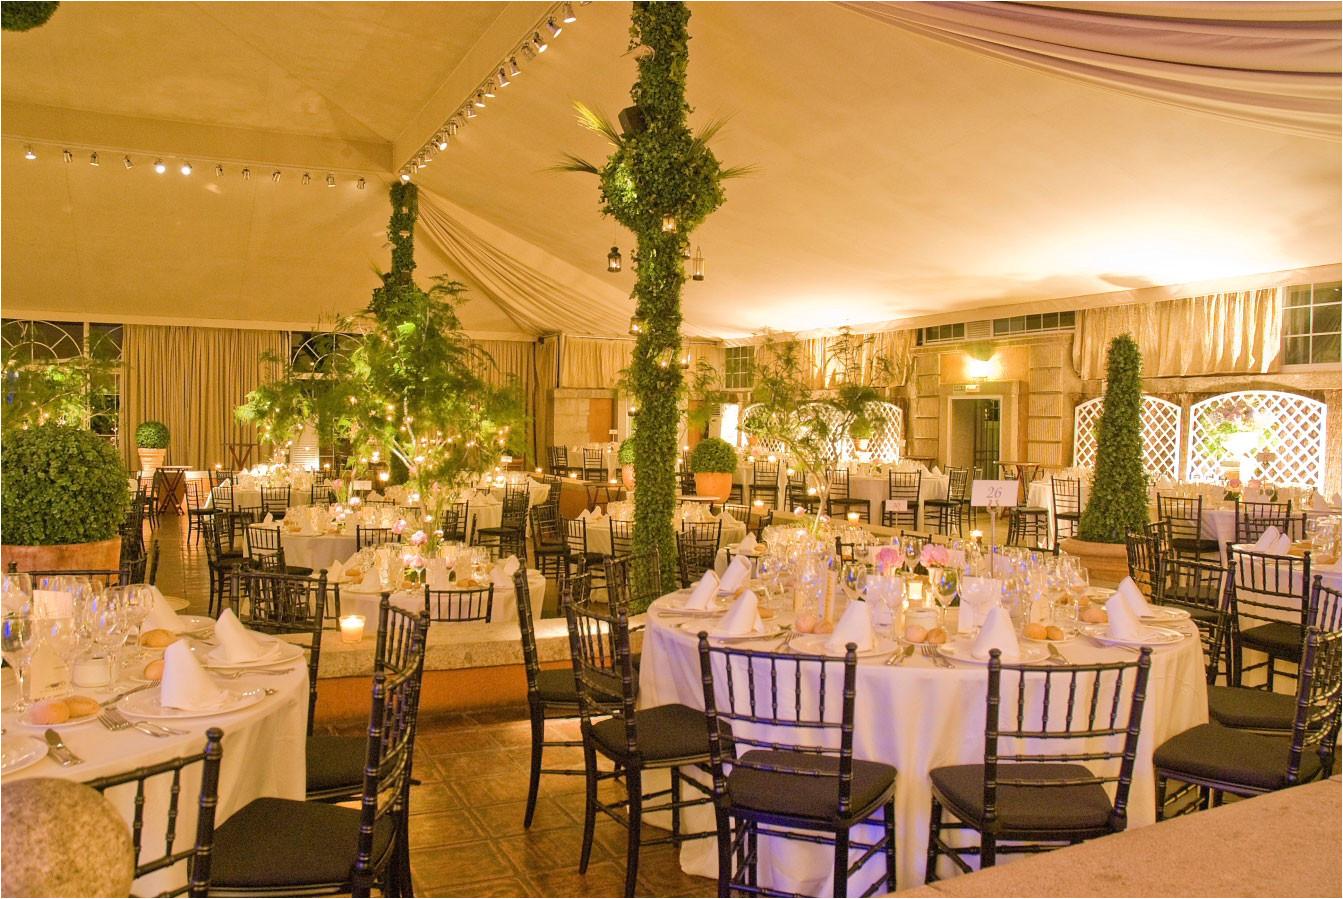 decoracion en casa para la boda para bodas sencillas perfect decoracion de bodas ideas para centros